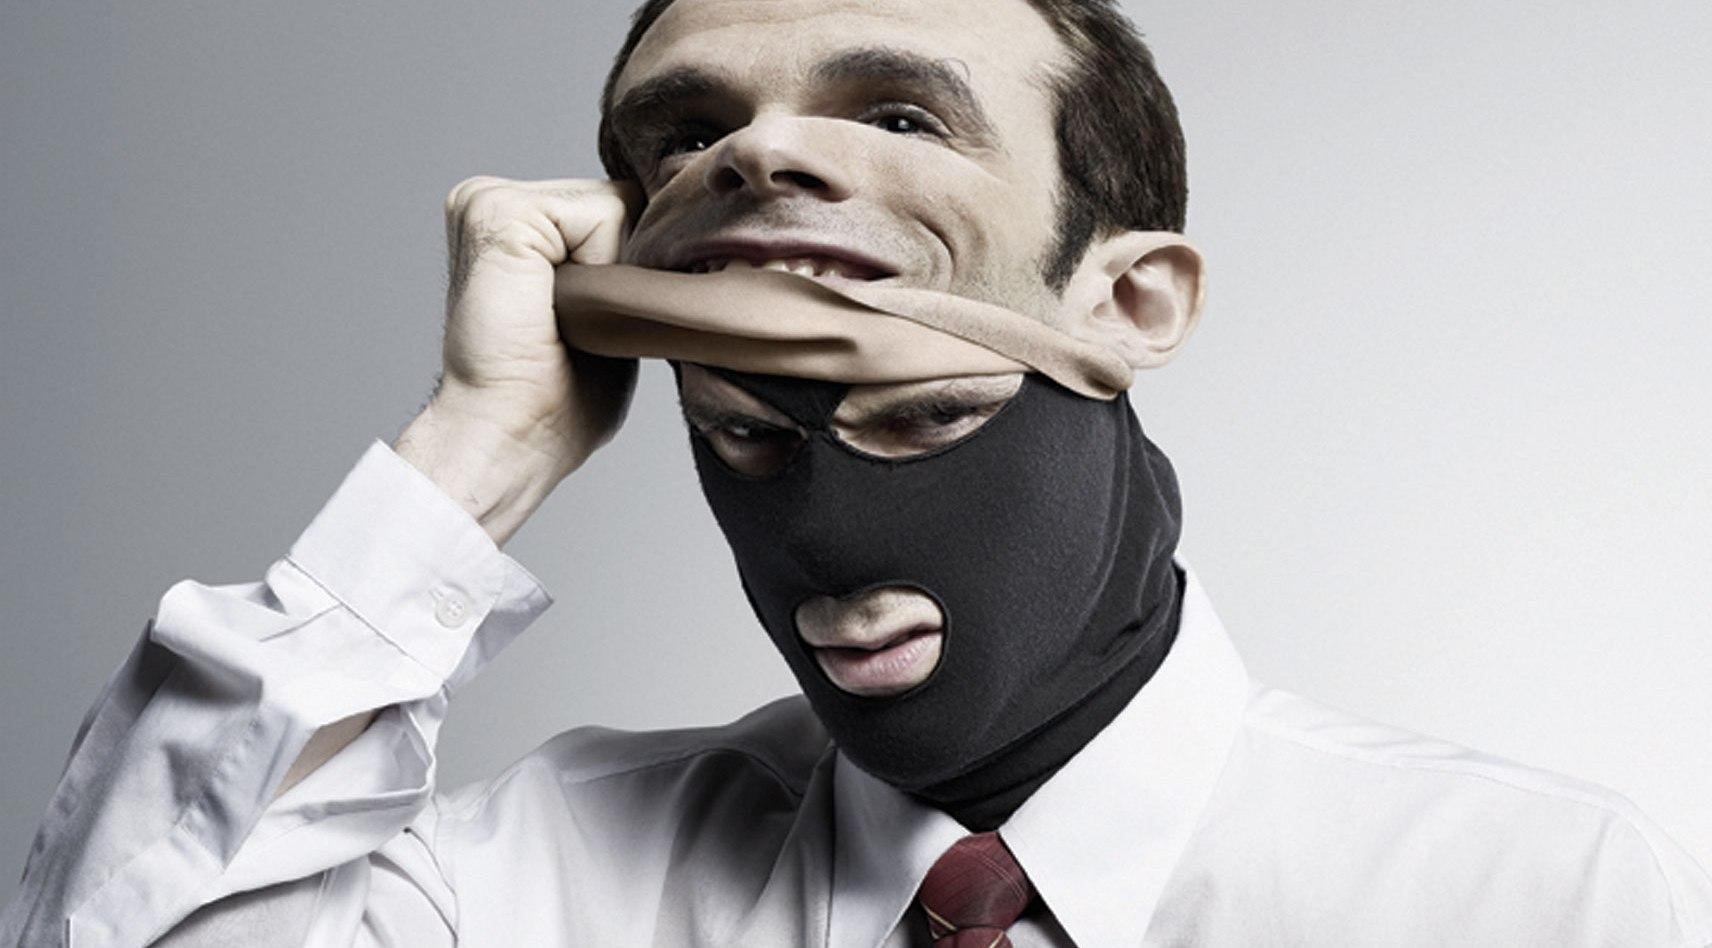 Будьте осторожны! Украинцев предупреждают о новой схеме мошенничества. Такого у нас точно не было